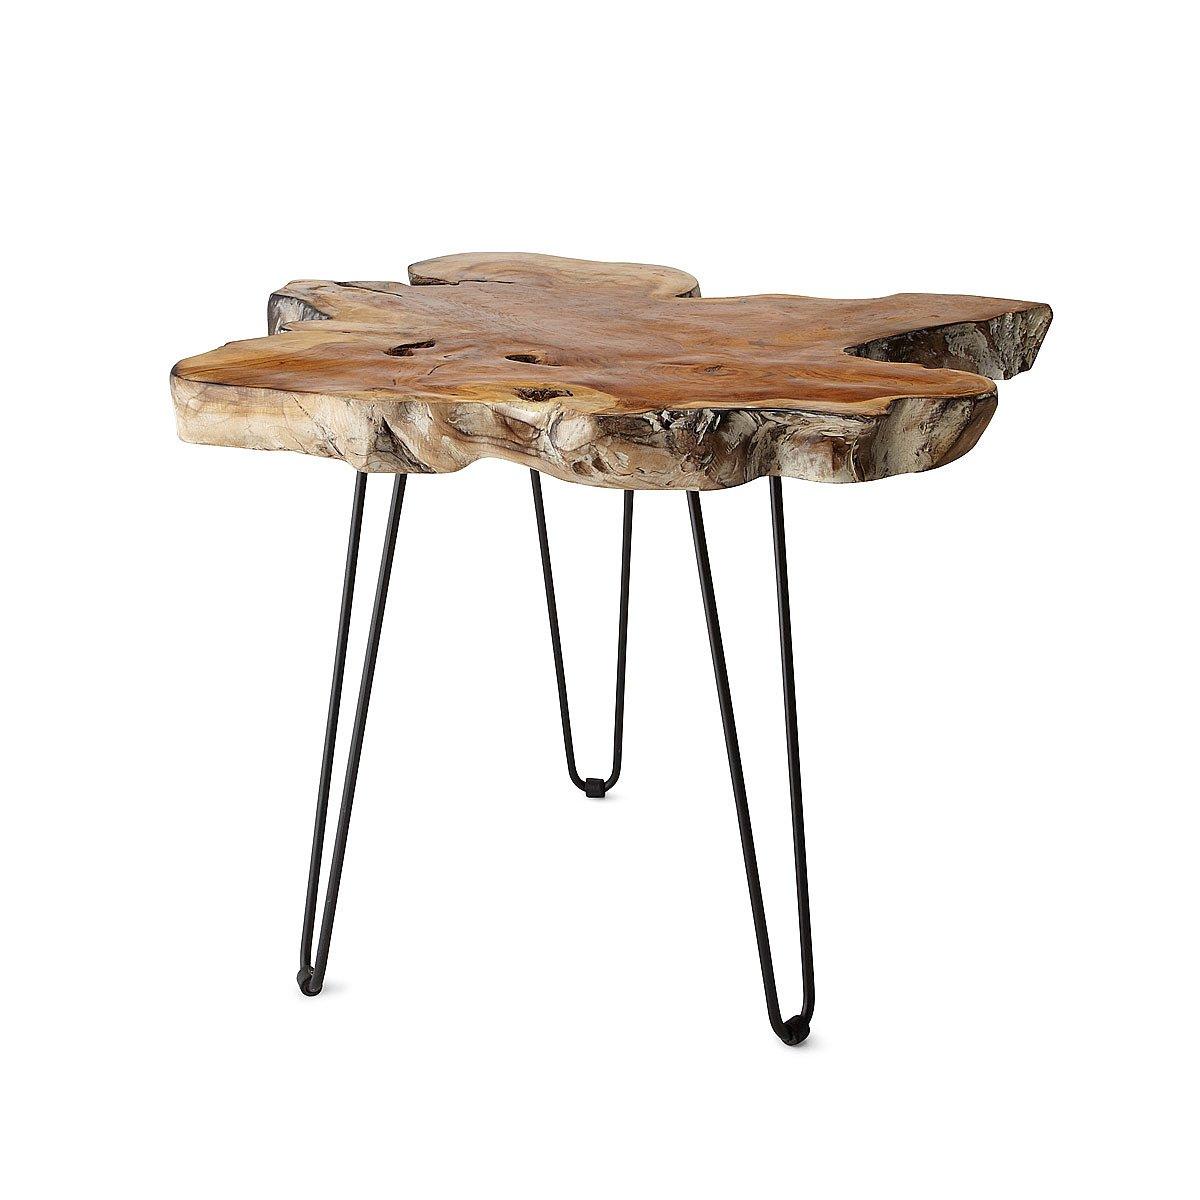 teak root side table  teak furniture  uncommongoods - teak root side table  thumbnail